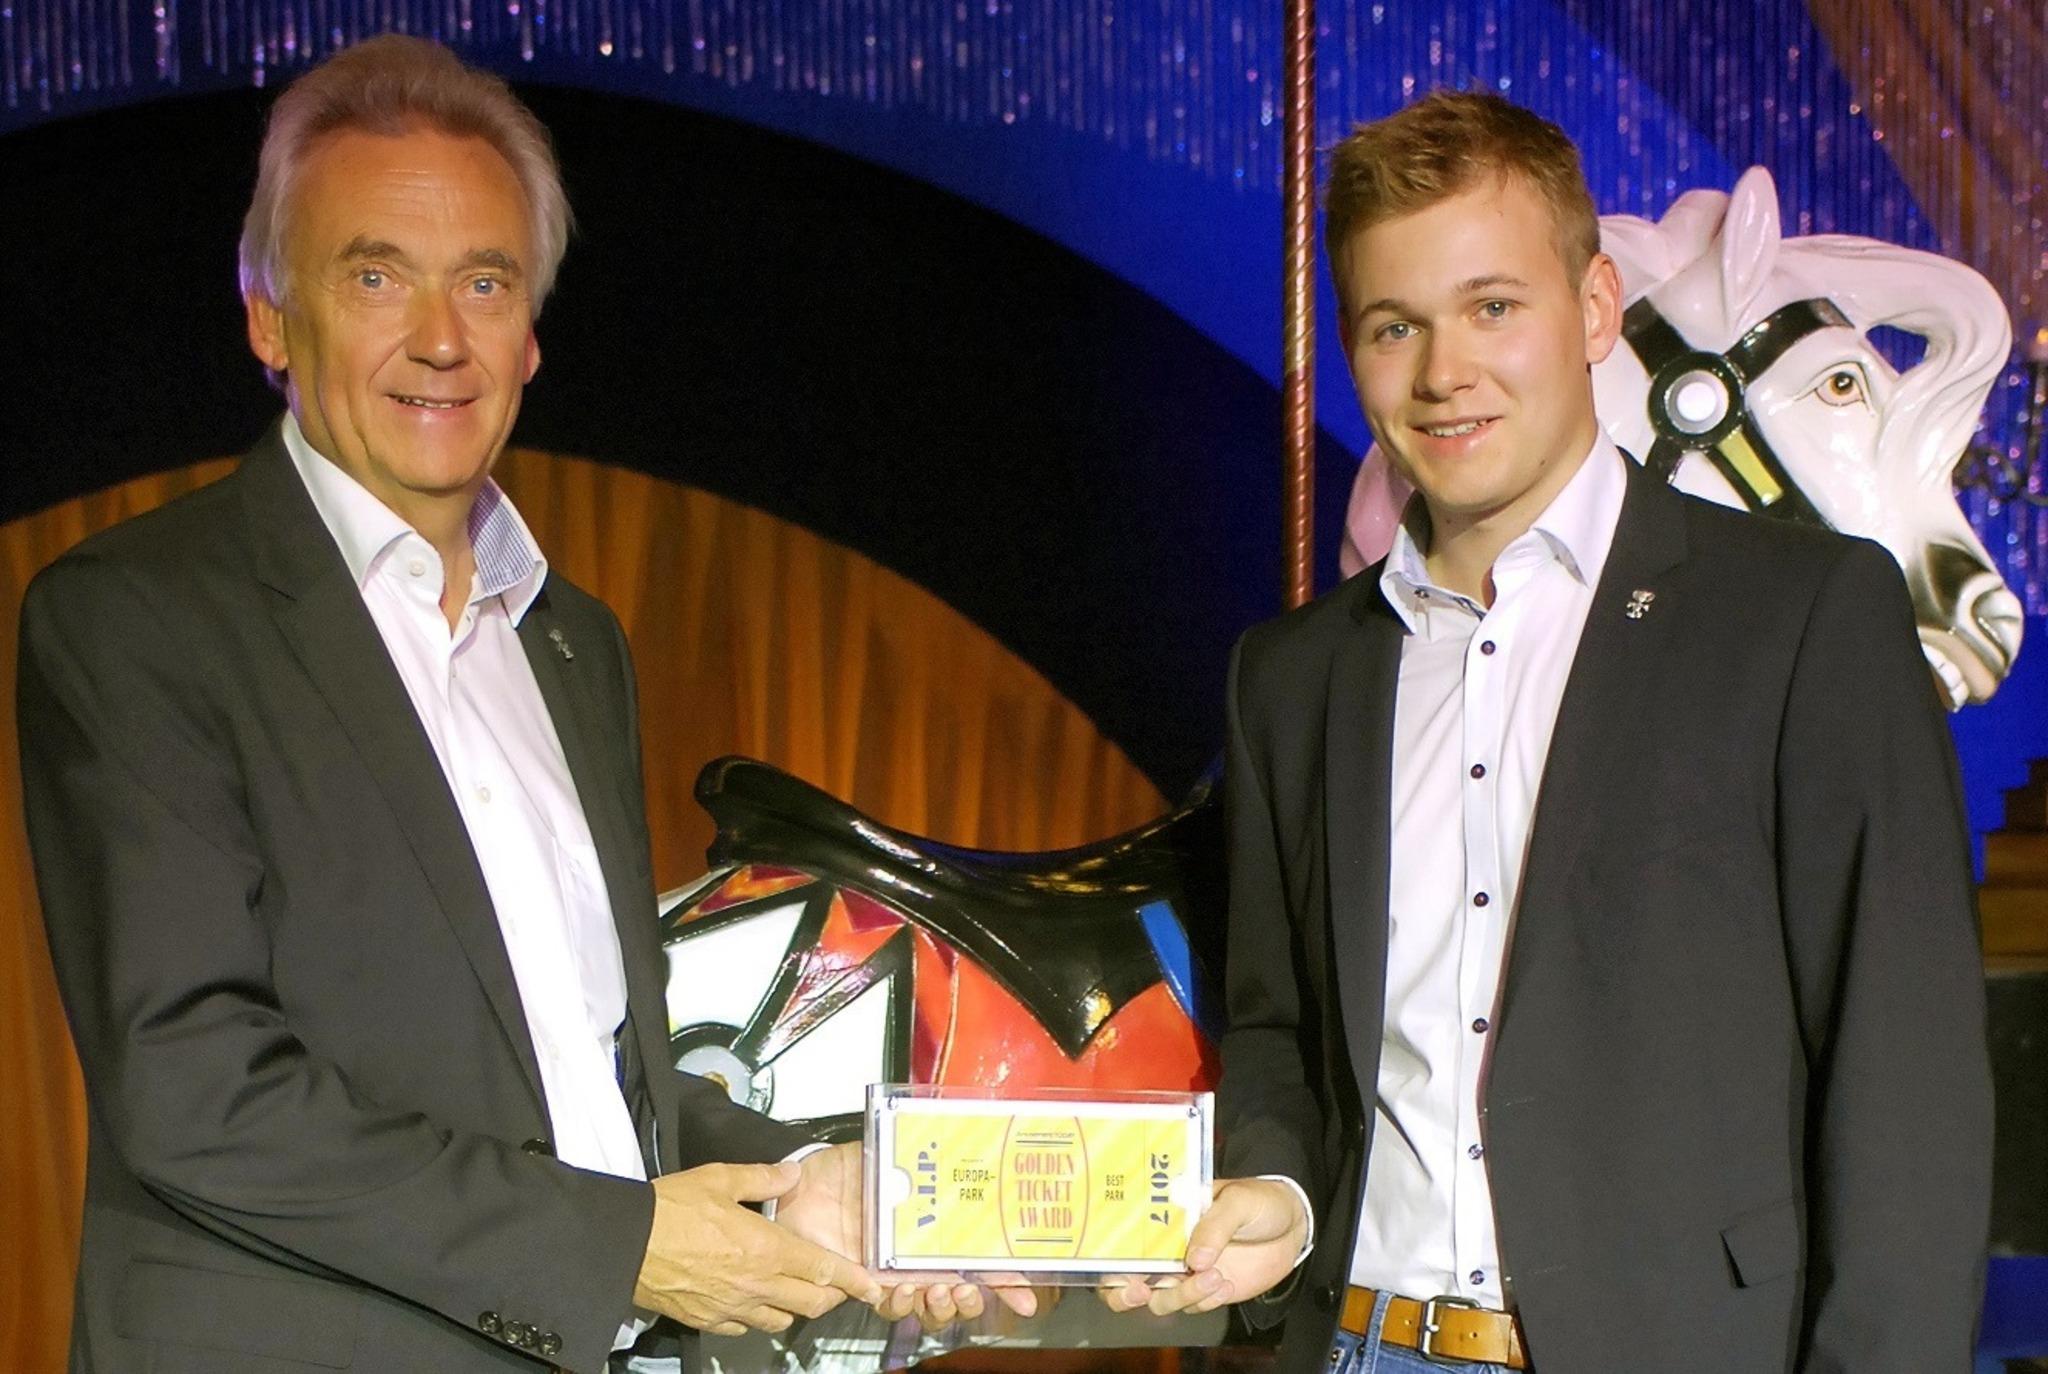 Europa-Park Inhaber Jürgen Mack (links) und Sohn Frederik freuen sich über den Golden Ticket Award 2017